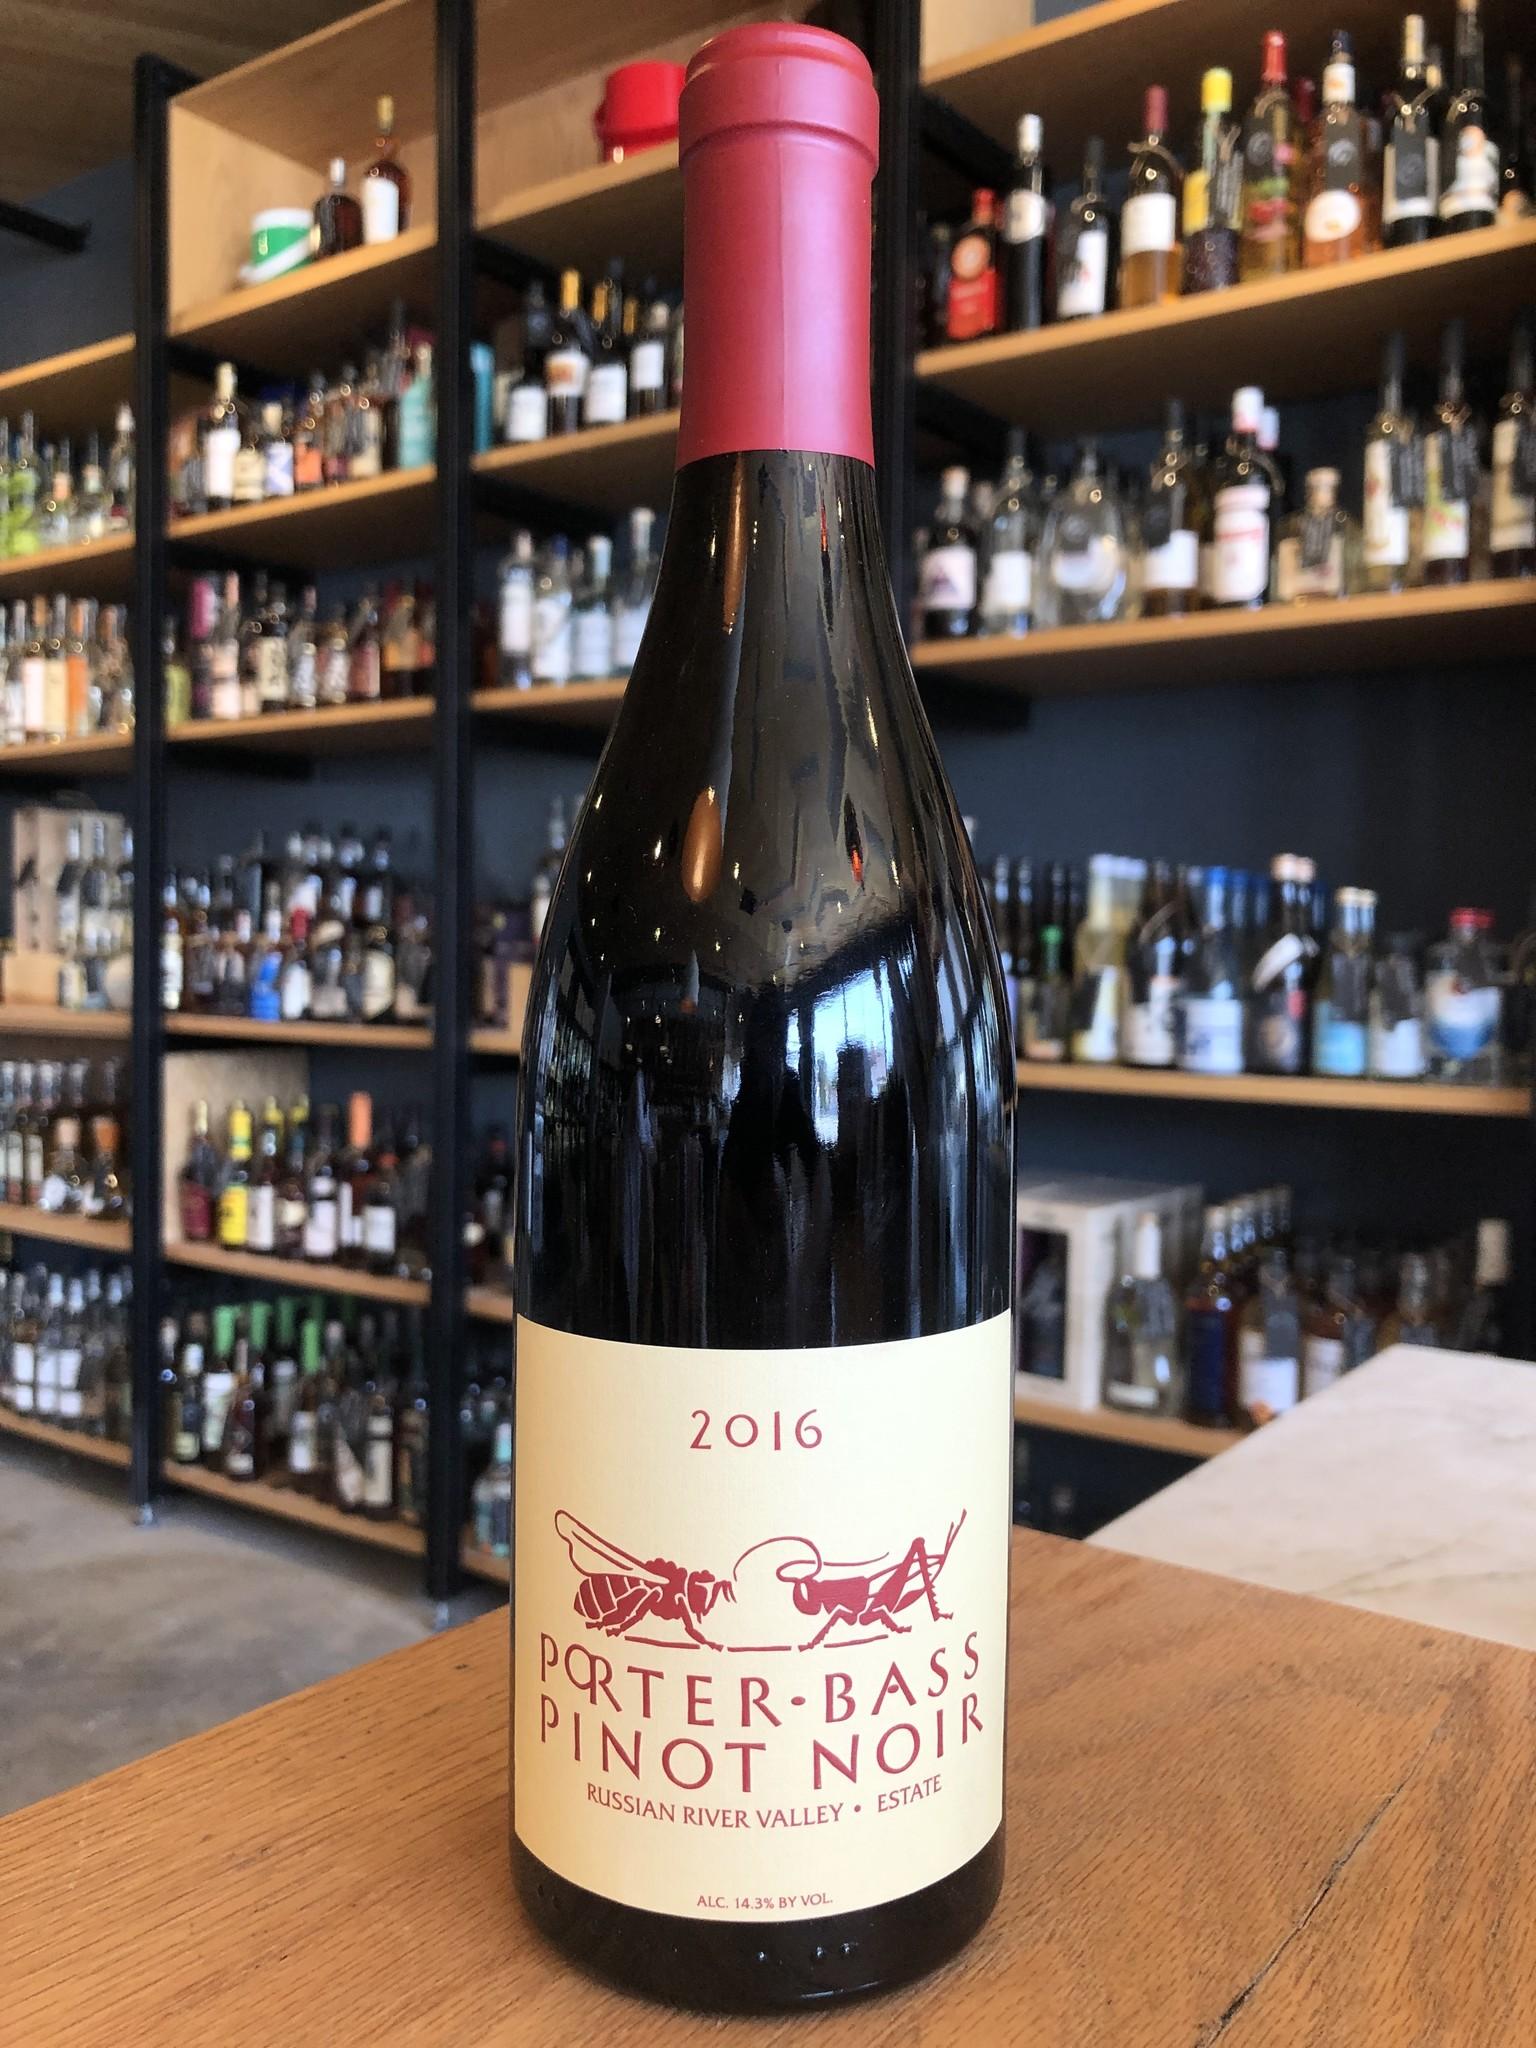 Porter-Bass 2016 Porter-Bass Estate Pinot Noir 750ml